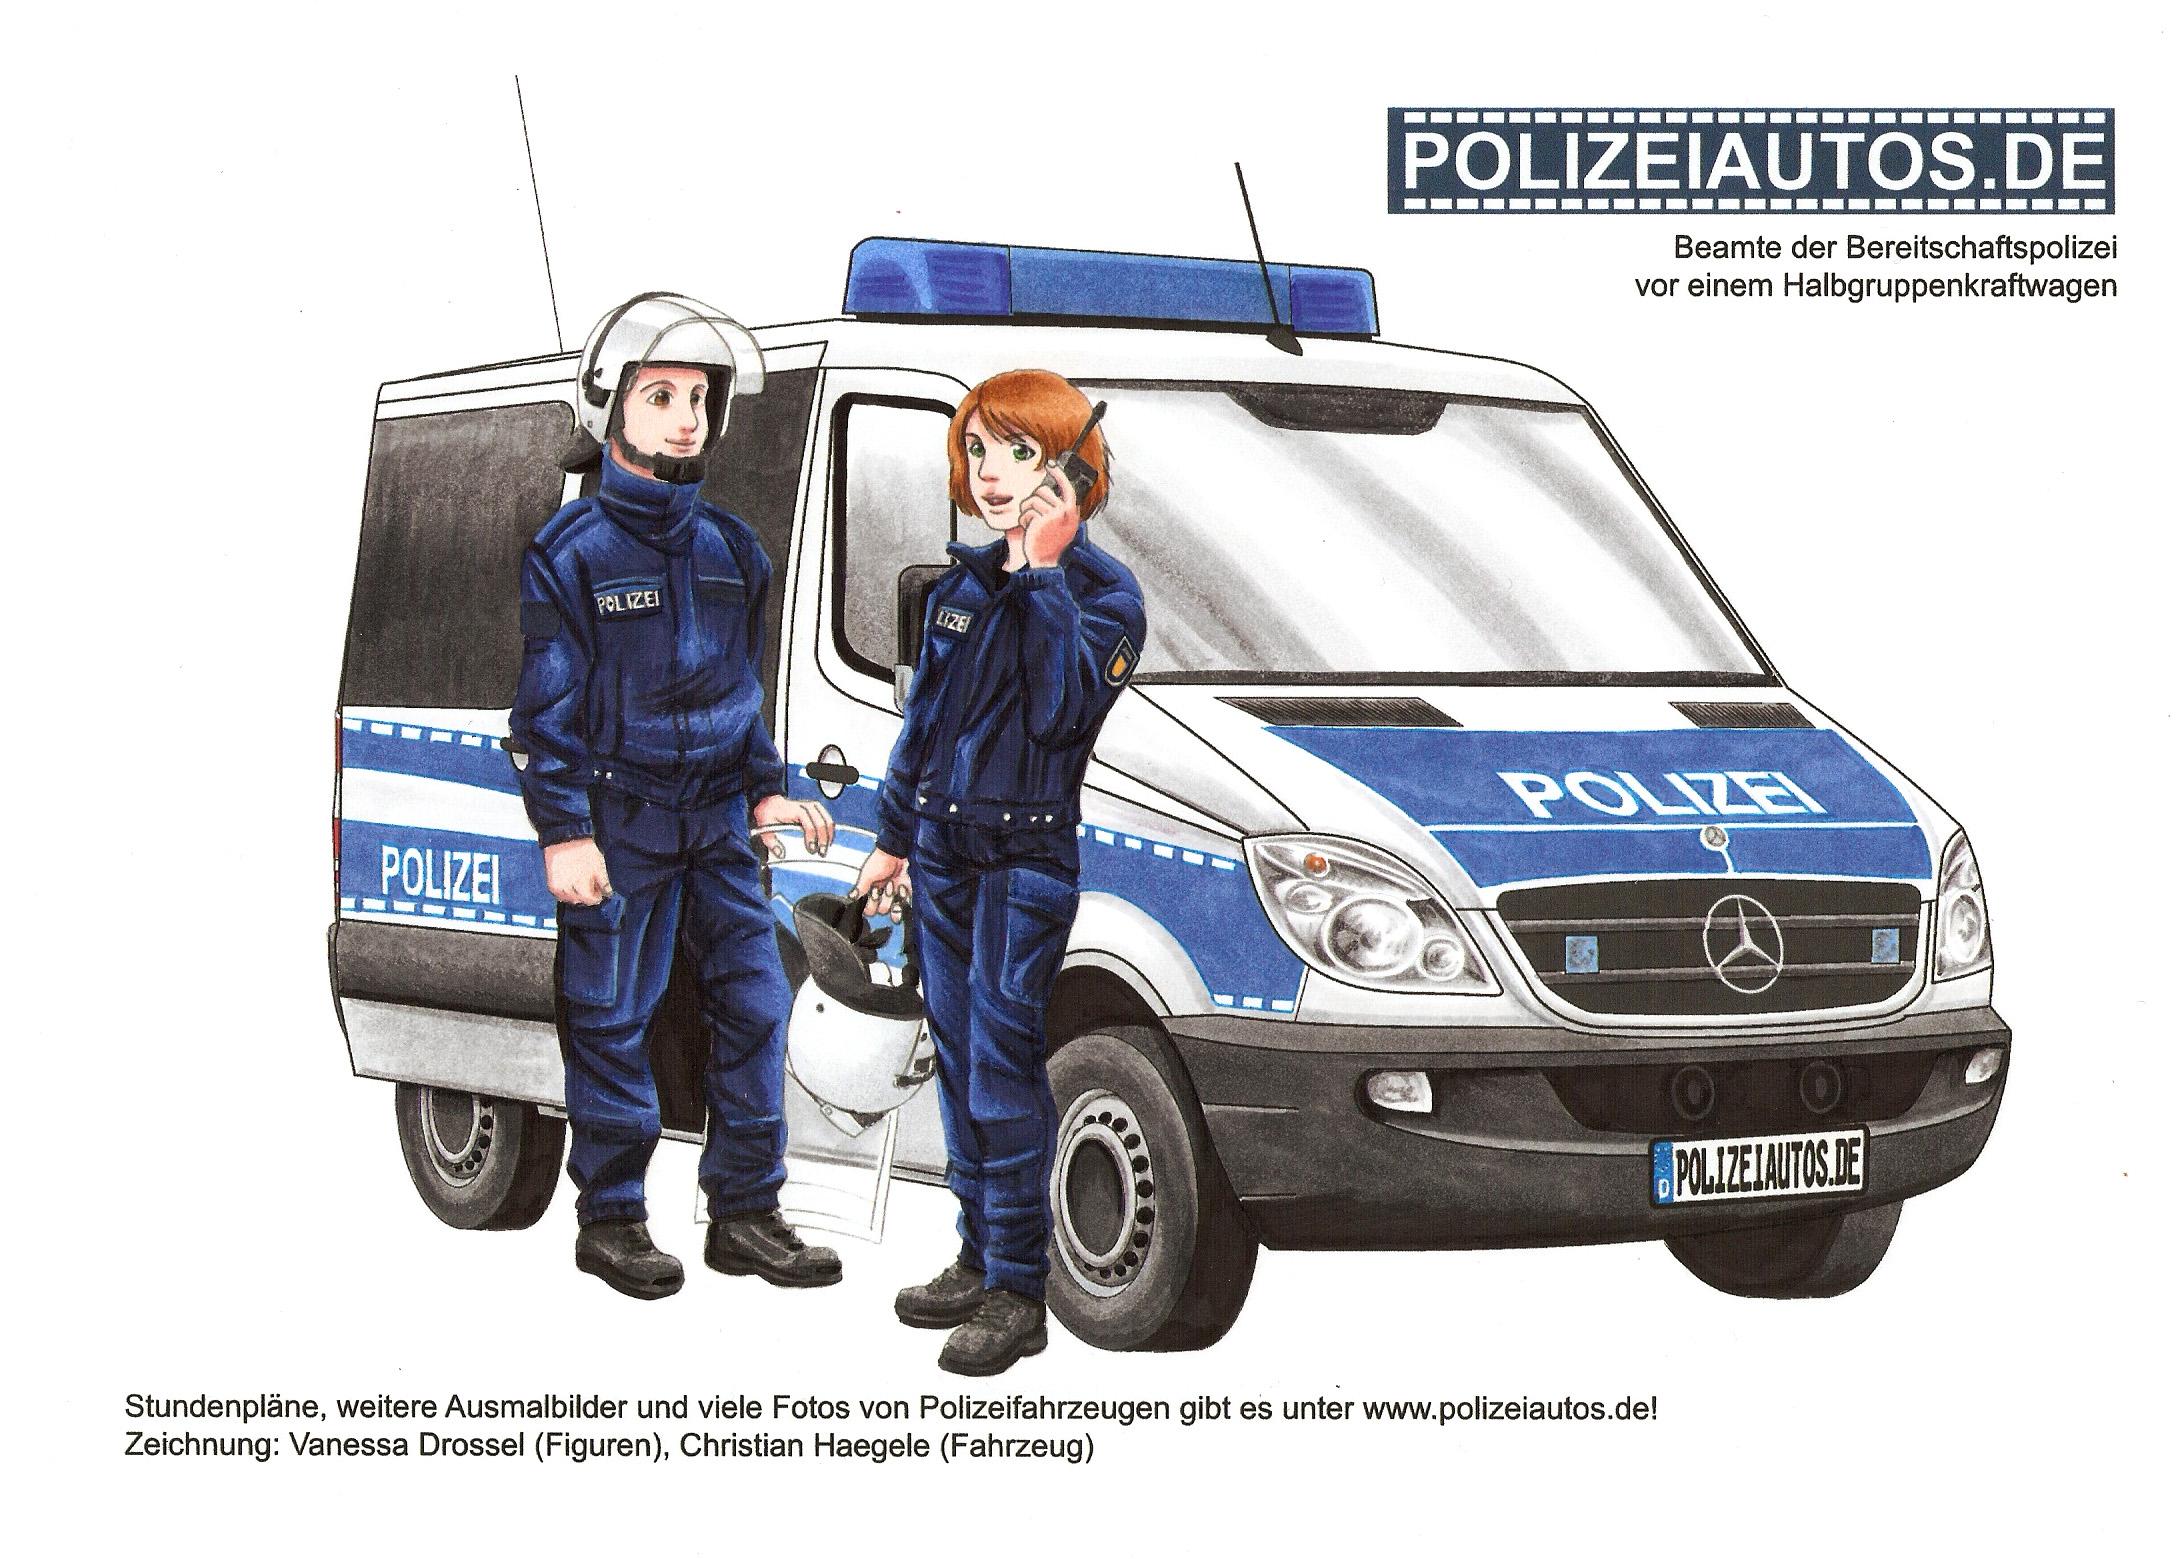 Polizeiautosde 461570 - pacte-contre-hulot.info